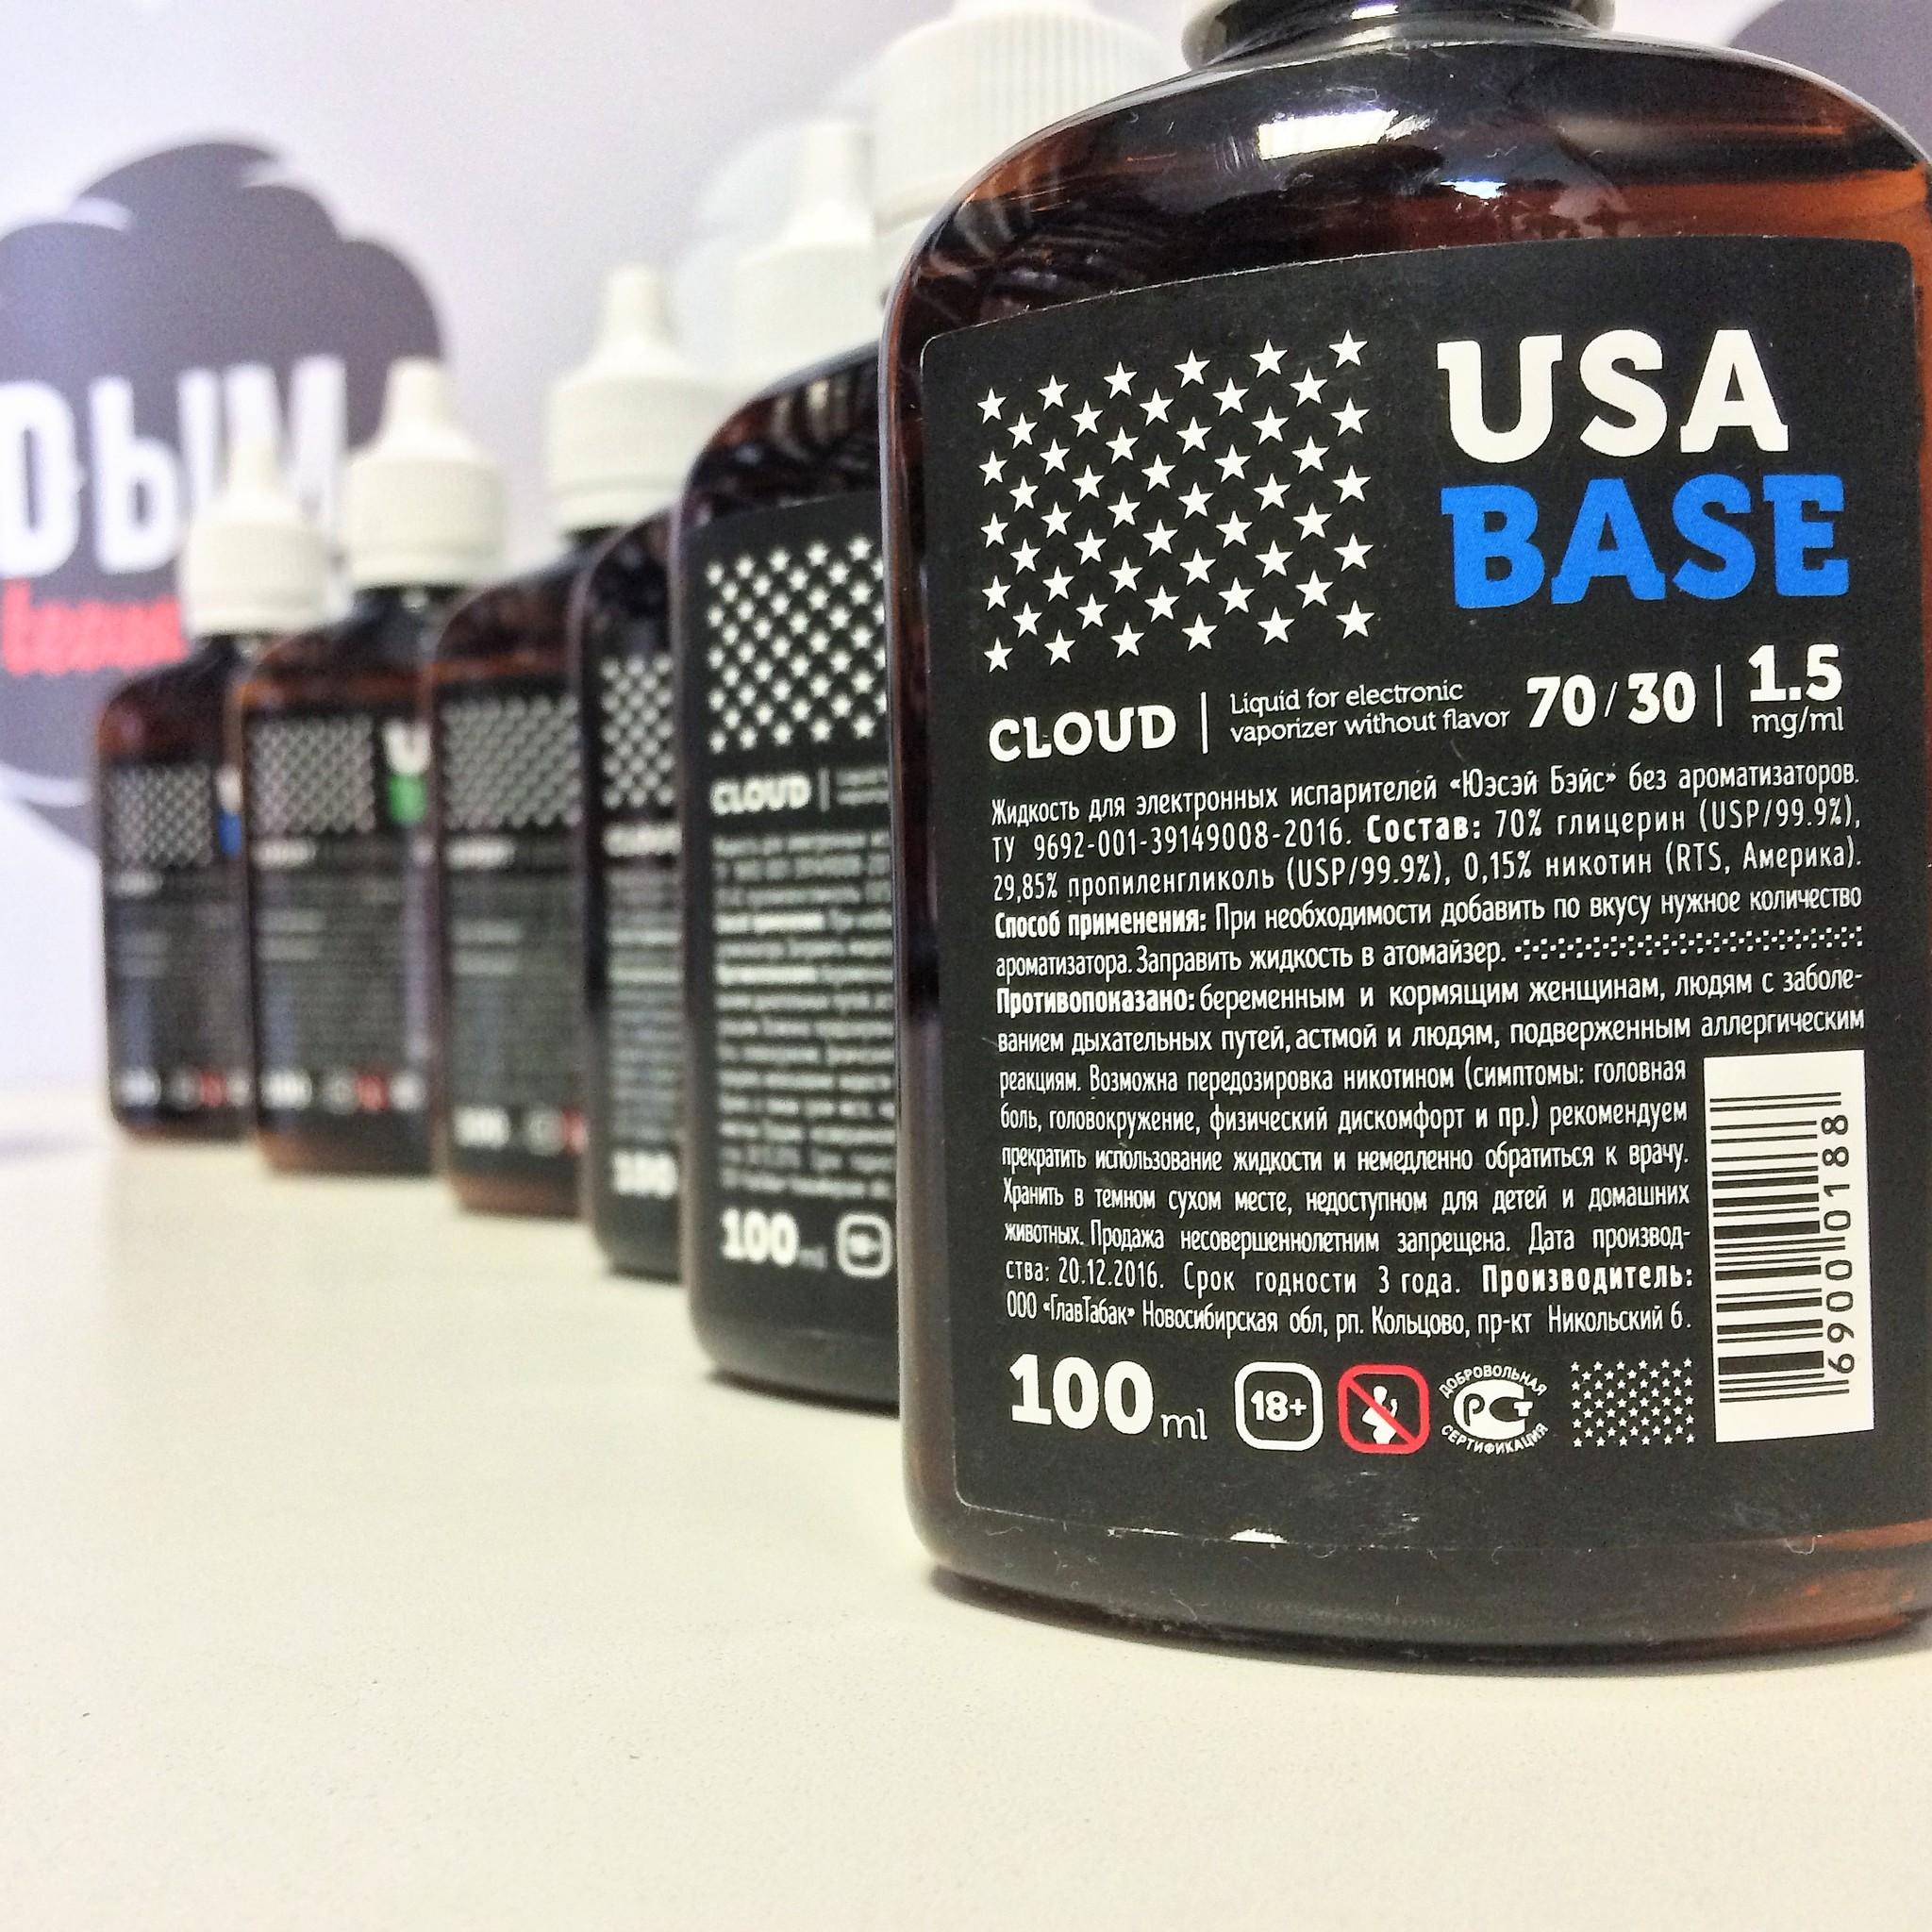 USA BASE, 100 мл.